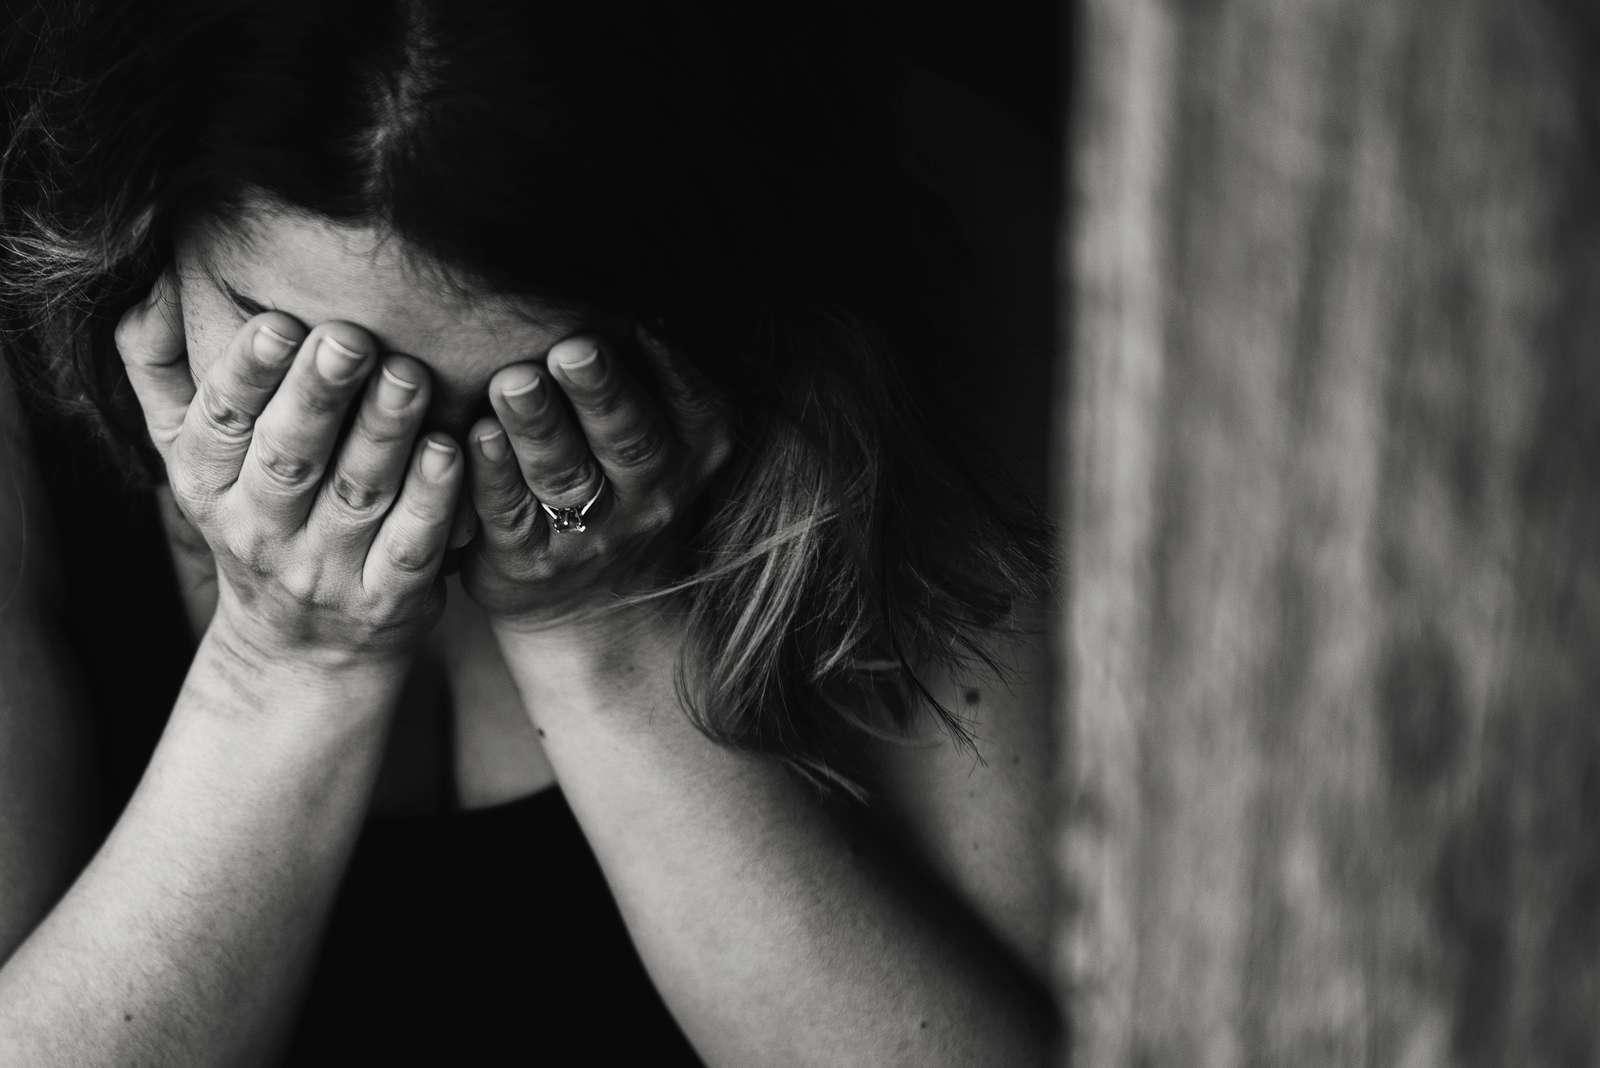 Violencia doméstica: Hablando de respeto en la familia